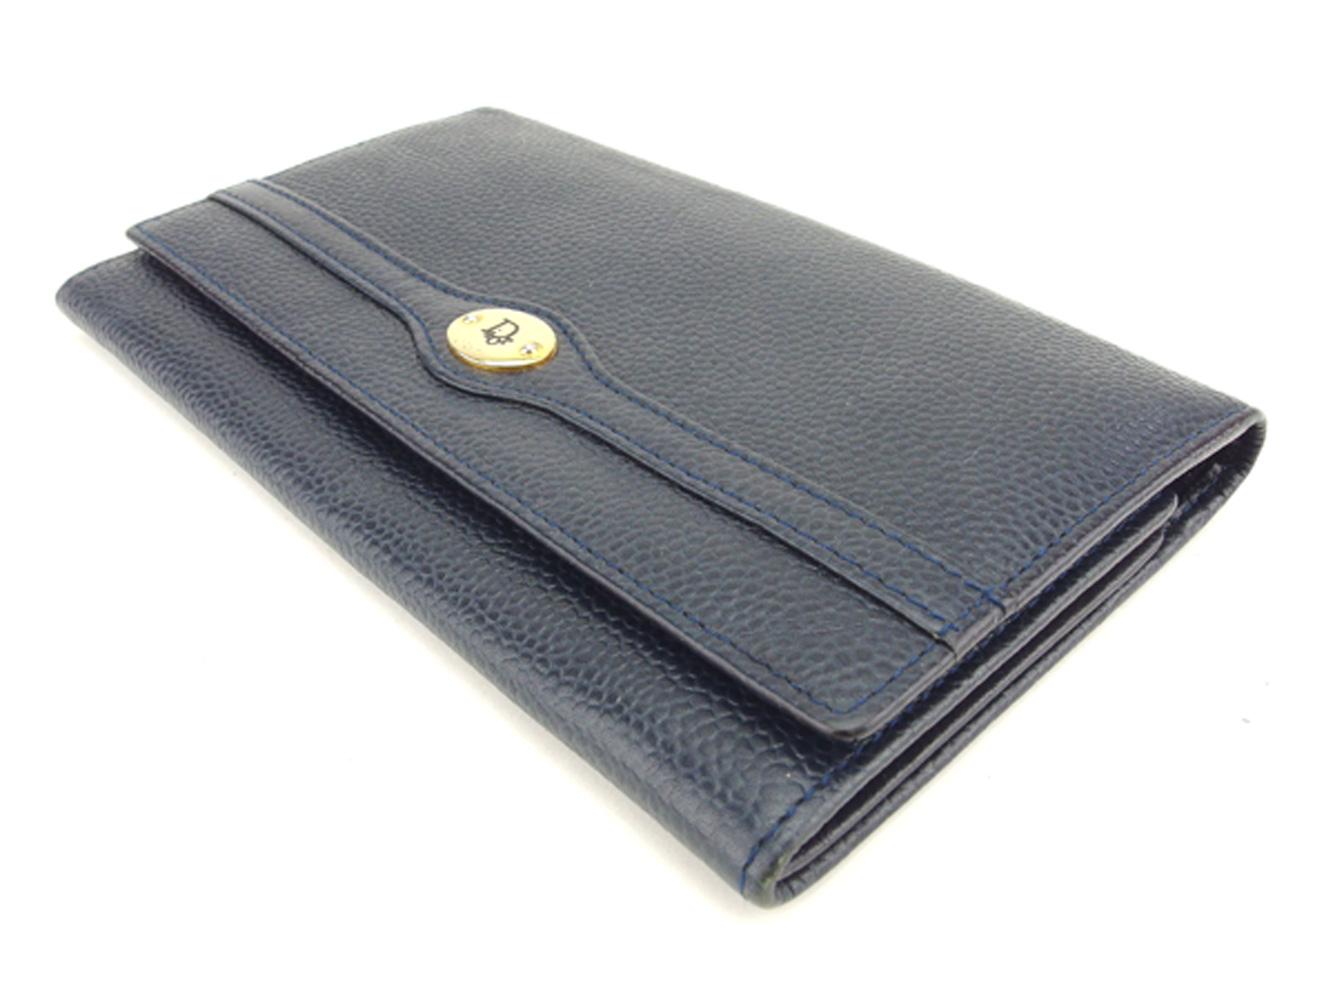 f20849ba9838 ディオール フルラ Dior 長財布 がま口 バッグ ファスナー付き 財布 ...